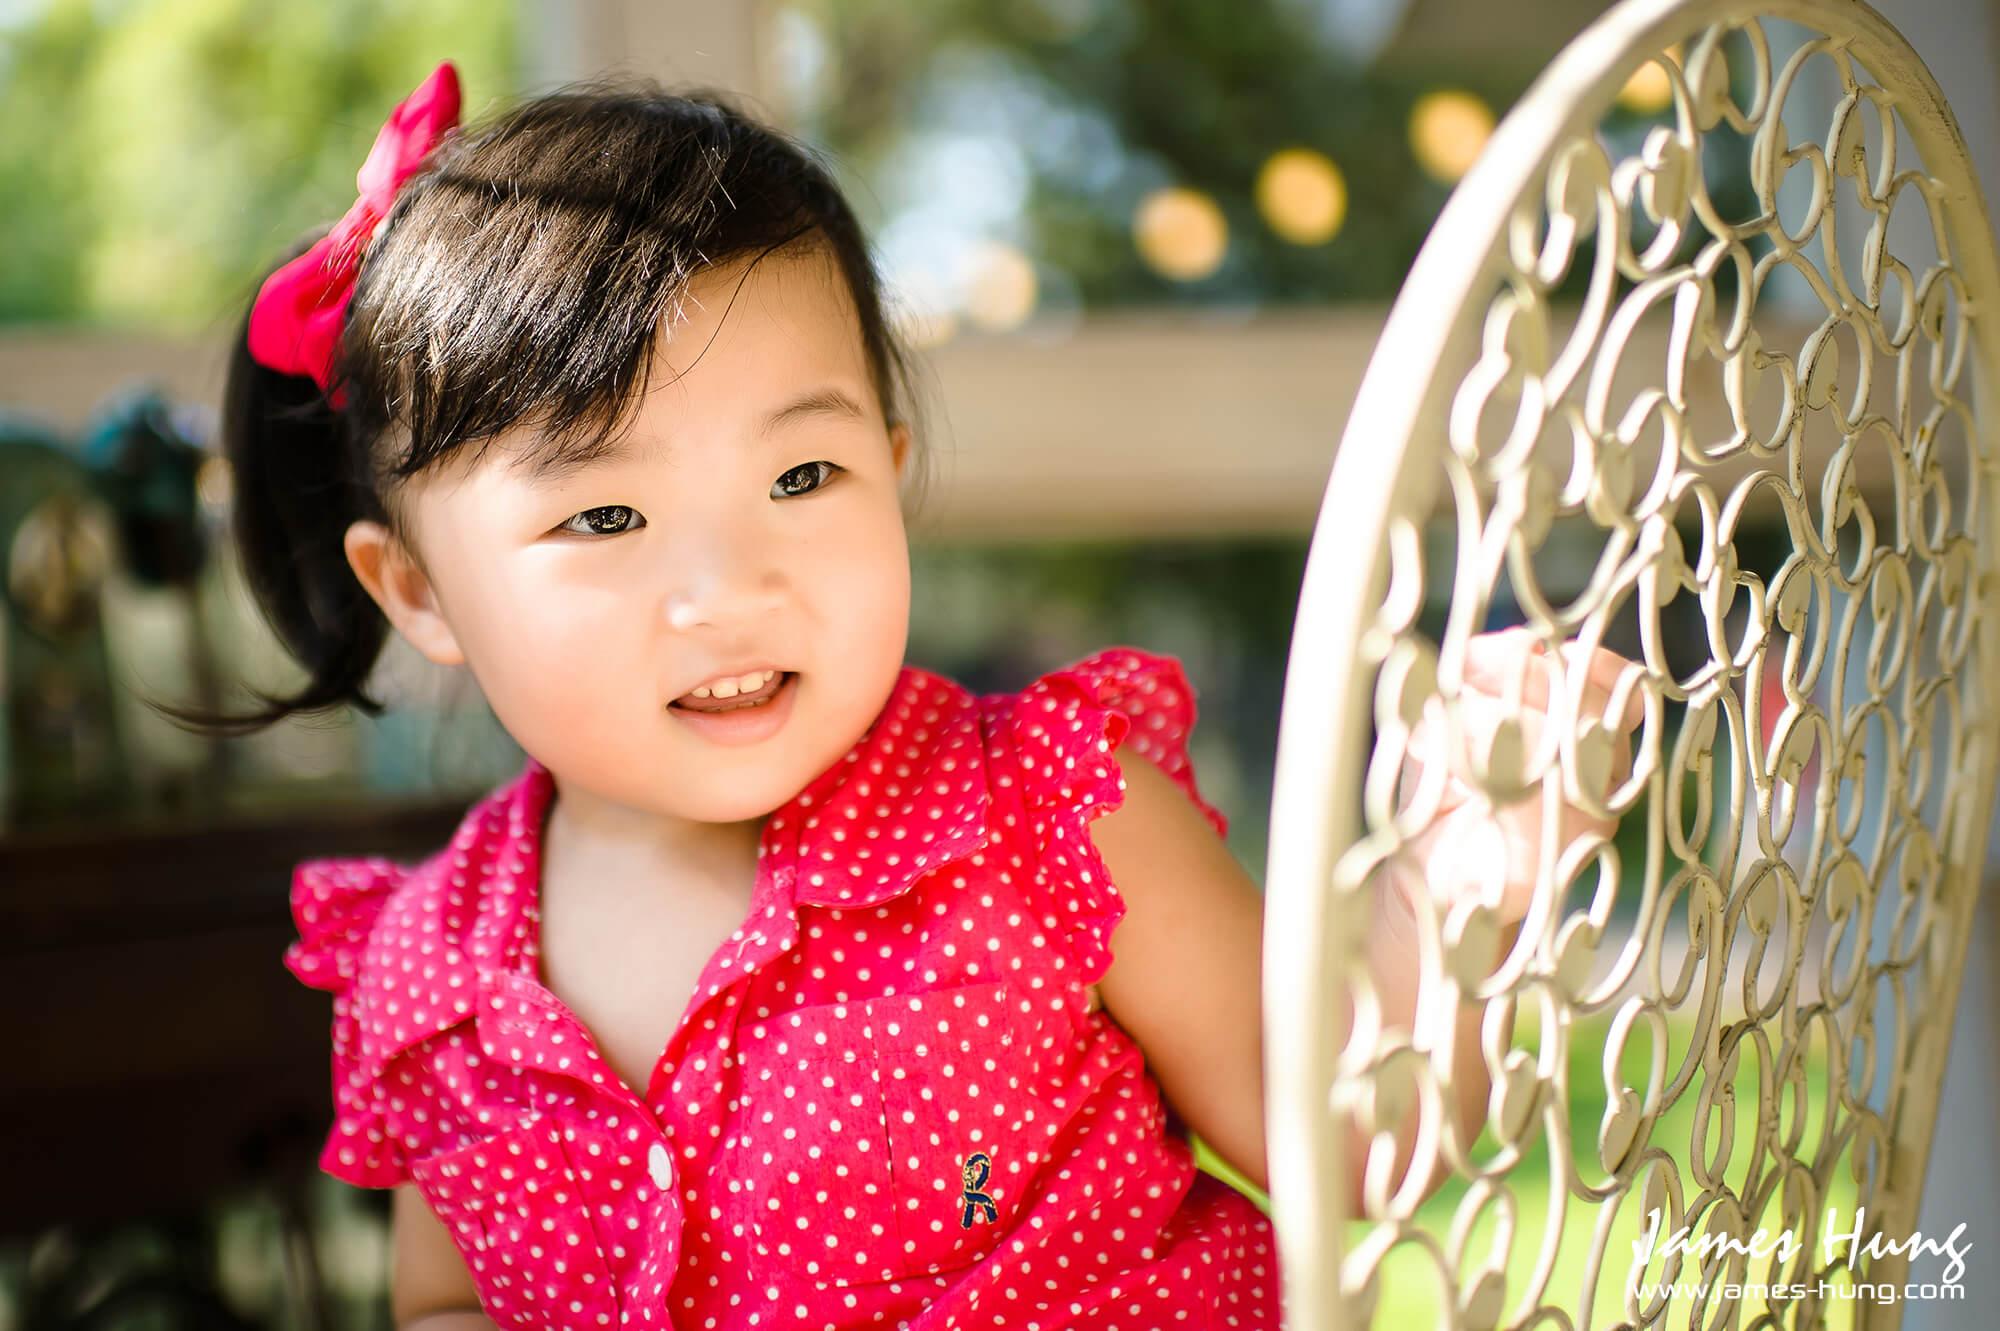 james Hung兒童寫真, James Hung兒童攝影, AHung兒童攝影, 幼稚園畢業照, 幼稚園攝影, 兒童抓周, 兒童寫真, 兒童寫真價格, 兒童寫真行情, 兒童寫真價格, 兒童畢業照, 寶寶攝影,寶寶寫真,寶寶生活照,親子攝影,台北兒童,全家福合照, 親子寫真,兒童戶外寫真,寶寶戶外寫真,寶寶居家寫真,兒童野外寫真,皇后鎮森林